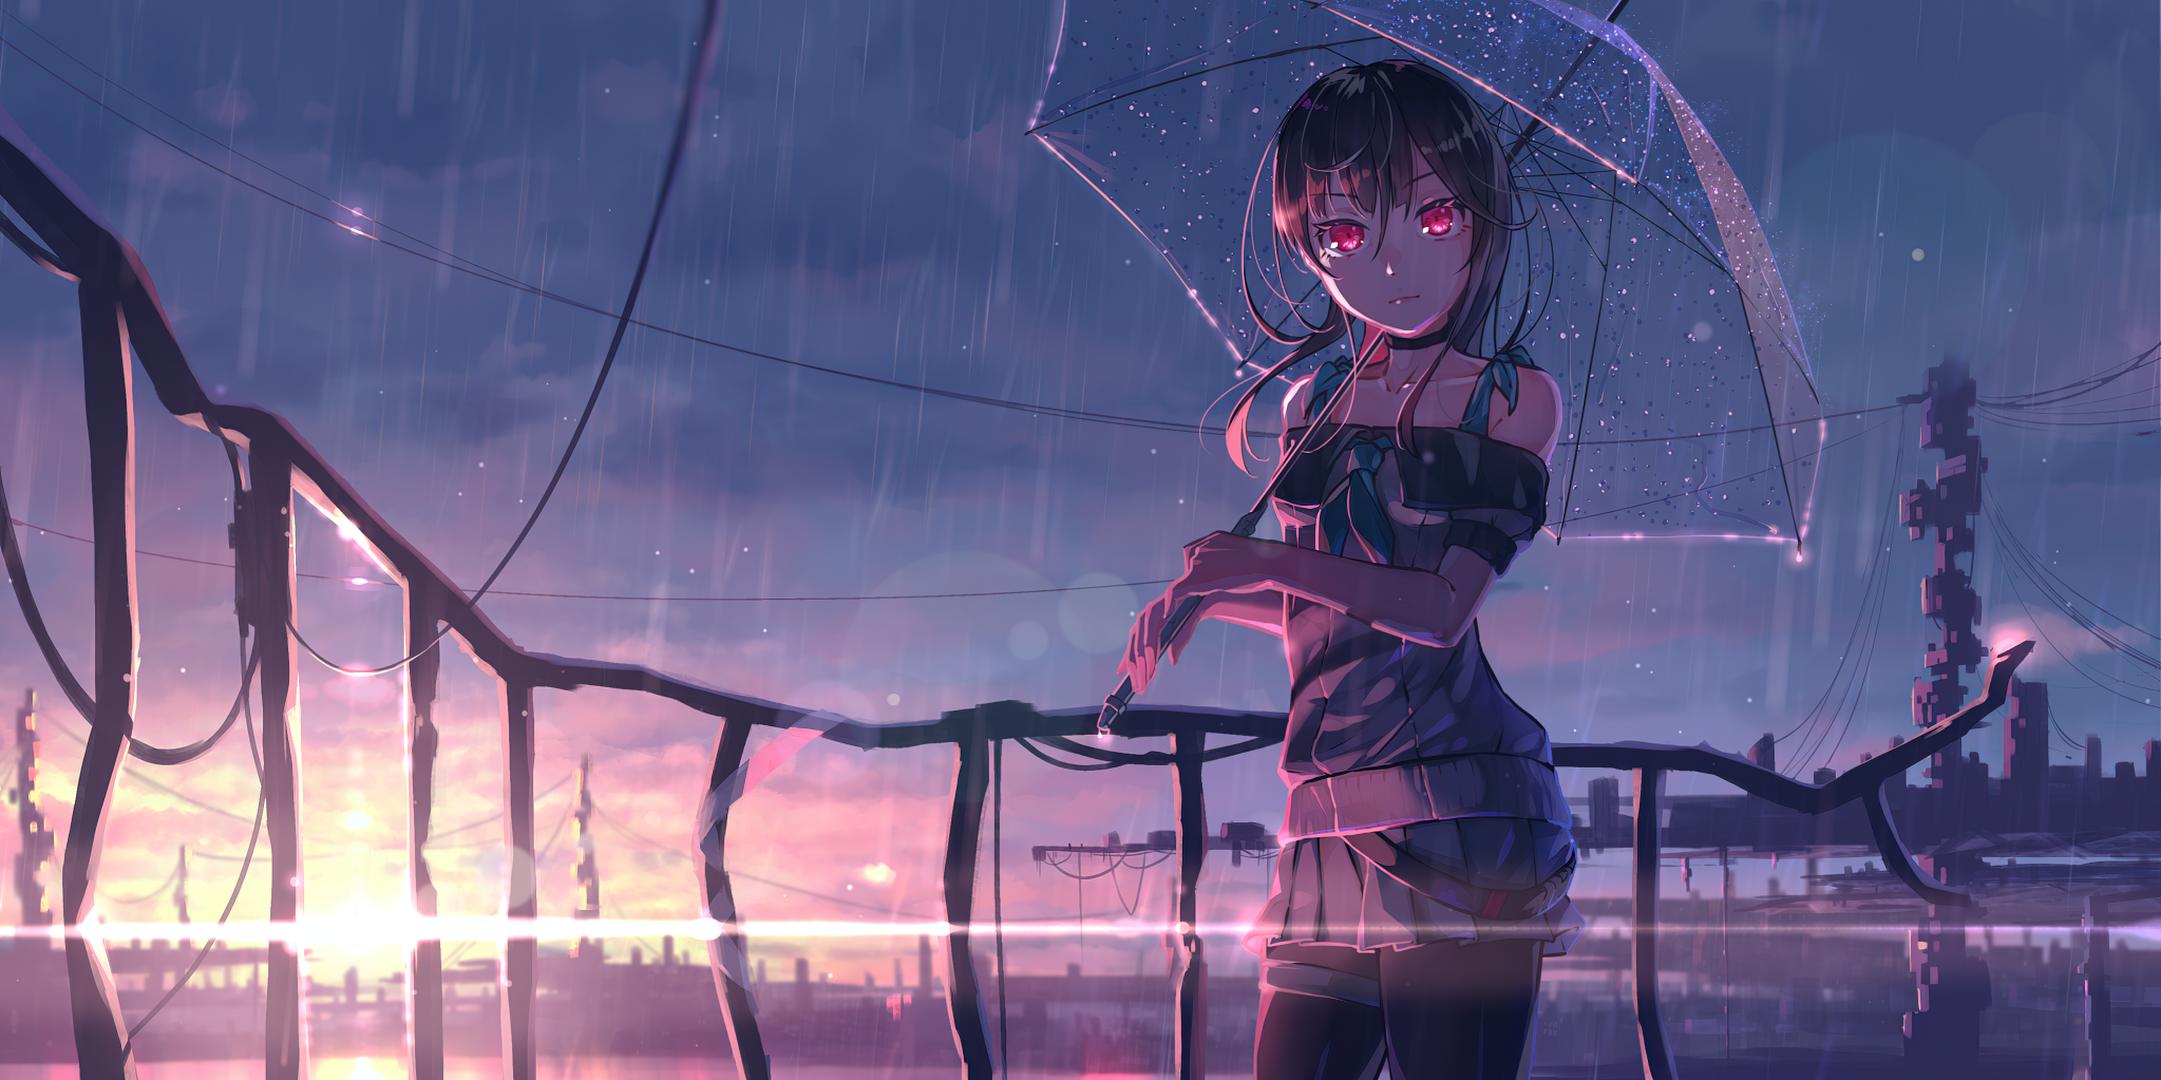 Red Eye Anime Girl Wallpaper, HD Anime 4K Wallpapers ...